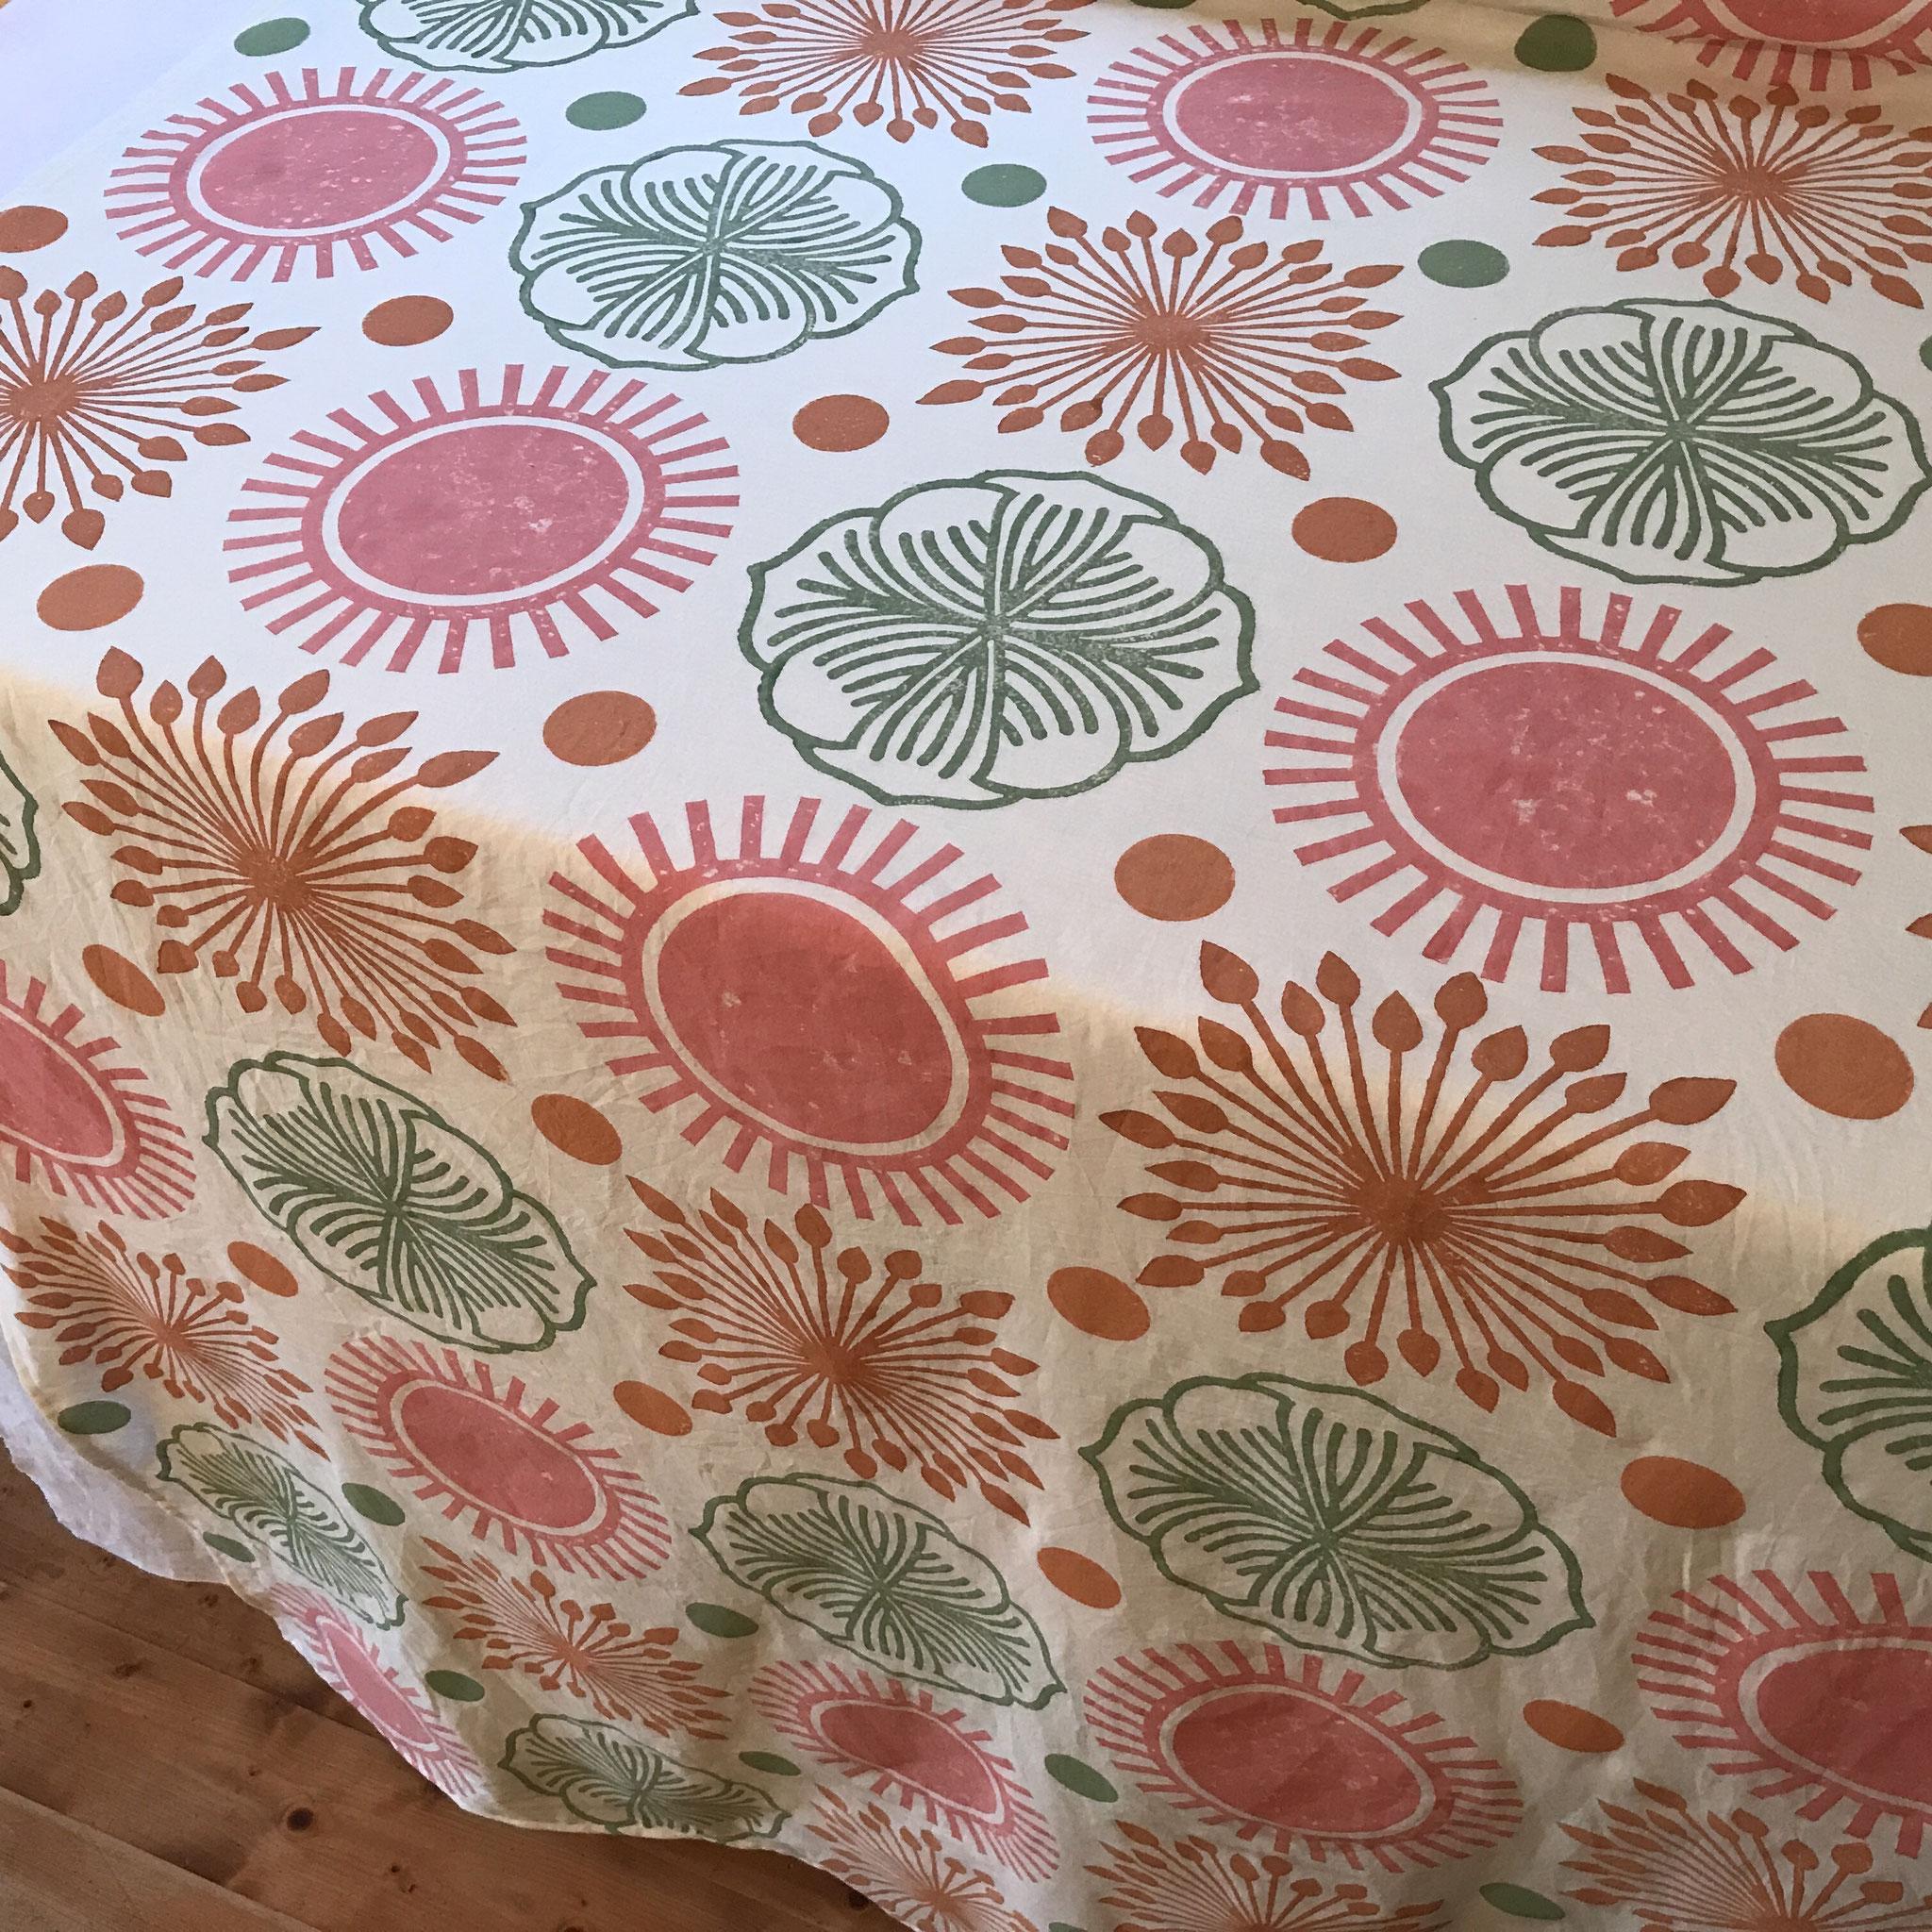 Holzstempeldruck auf Biobaumwolle mit natürlichen Textilfarben